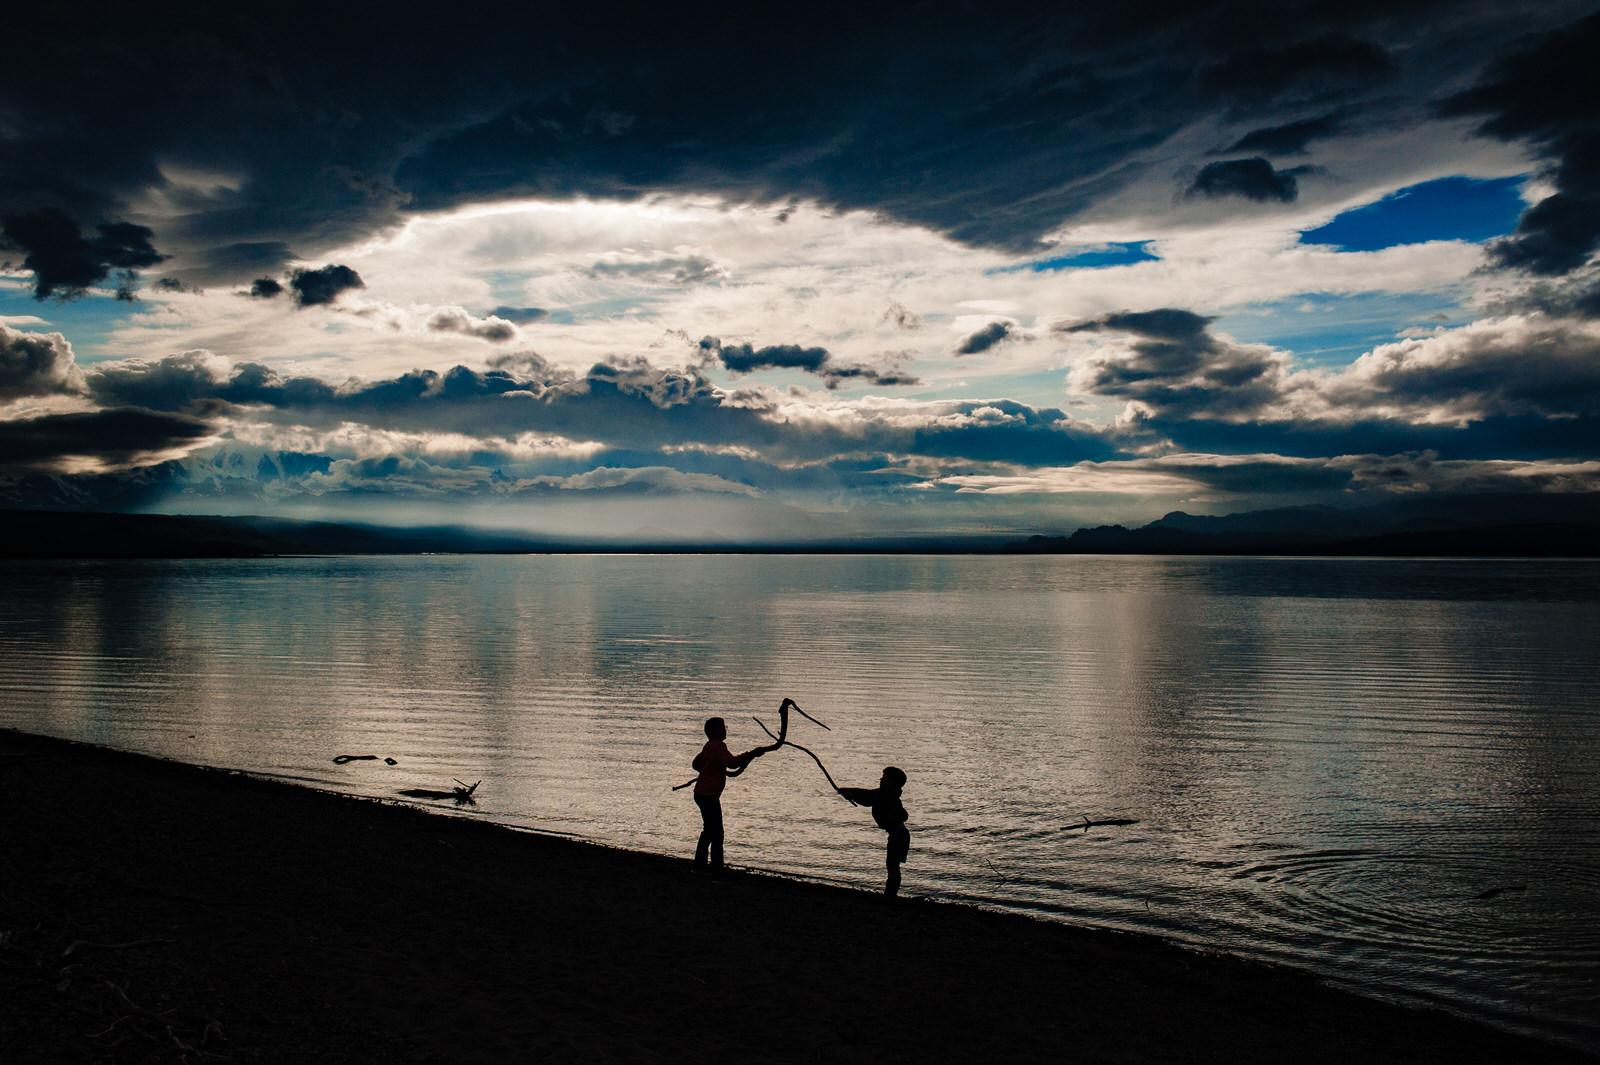 Beluga_lake_alaska_fly_out_fishing_trip (32).JPG